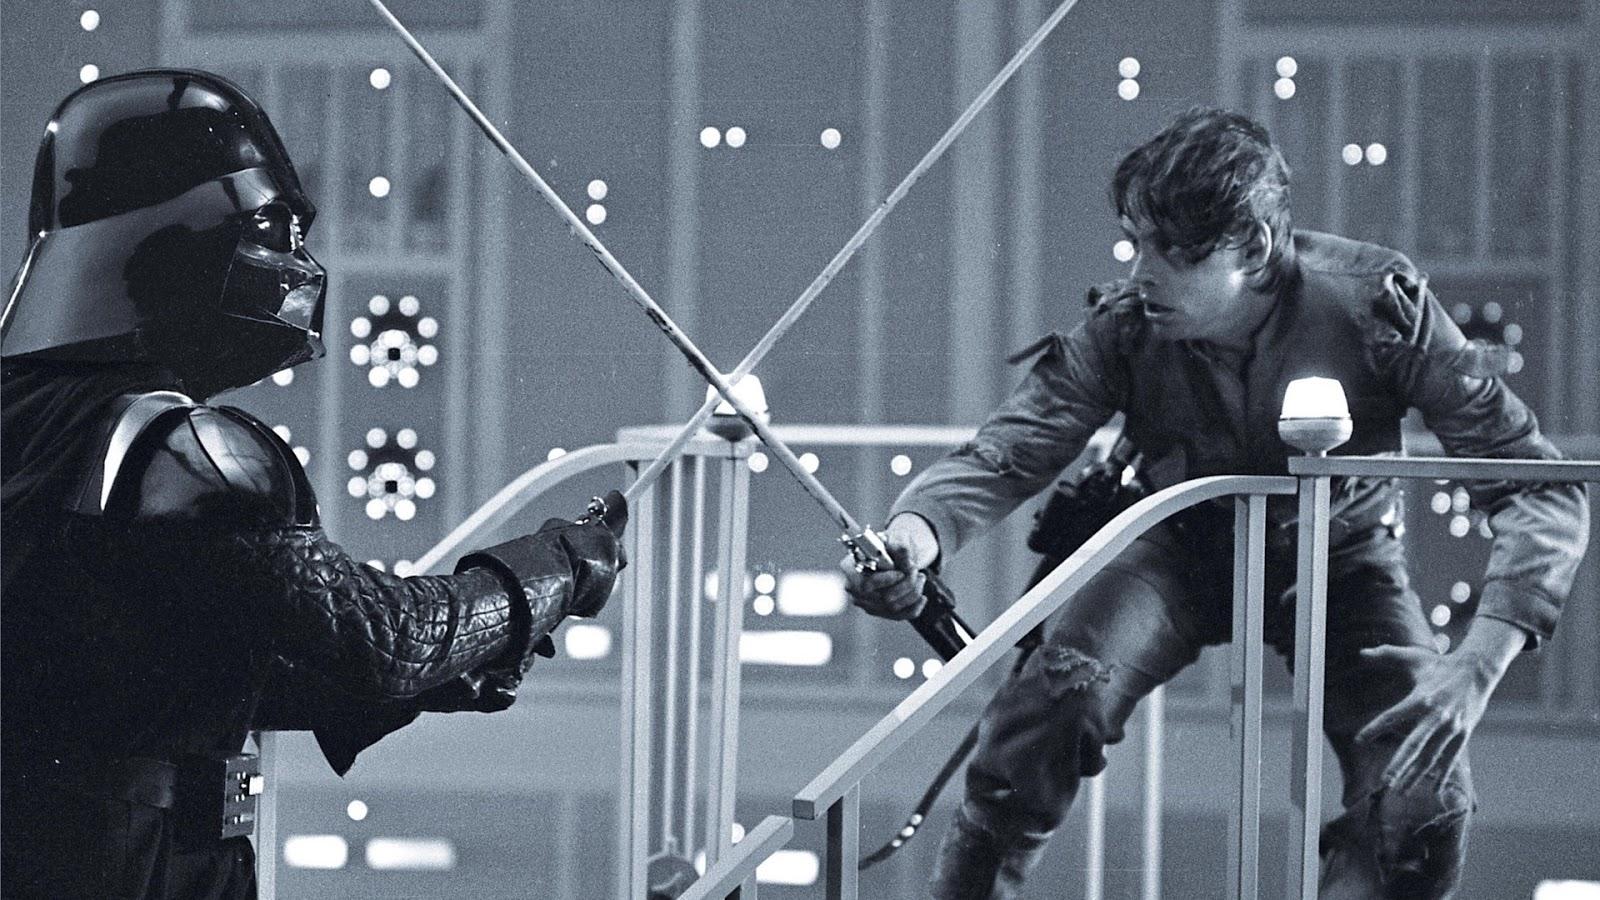 Luke-skywalker-vs-darth-vader-duel-behinds-scenes.jpg